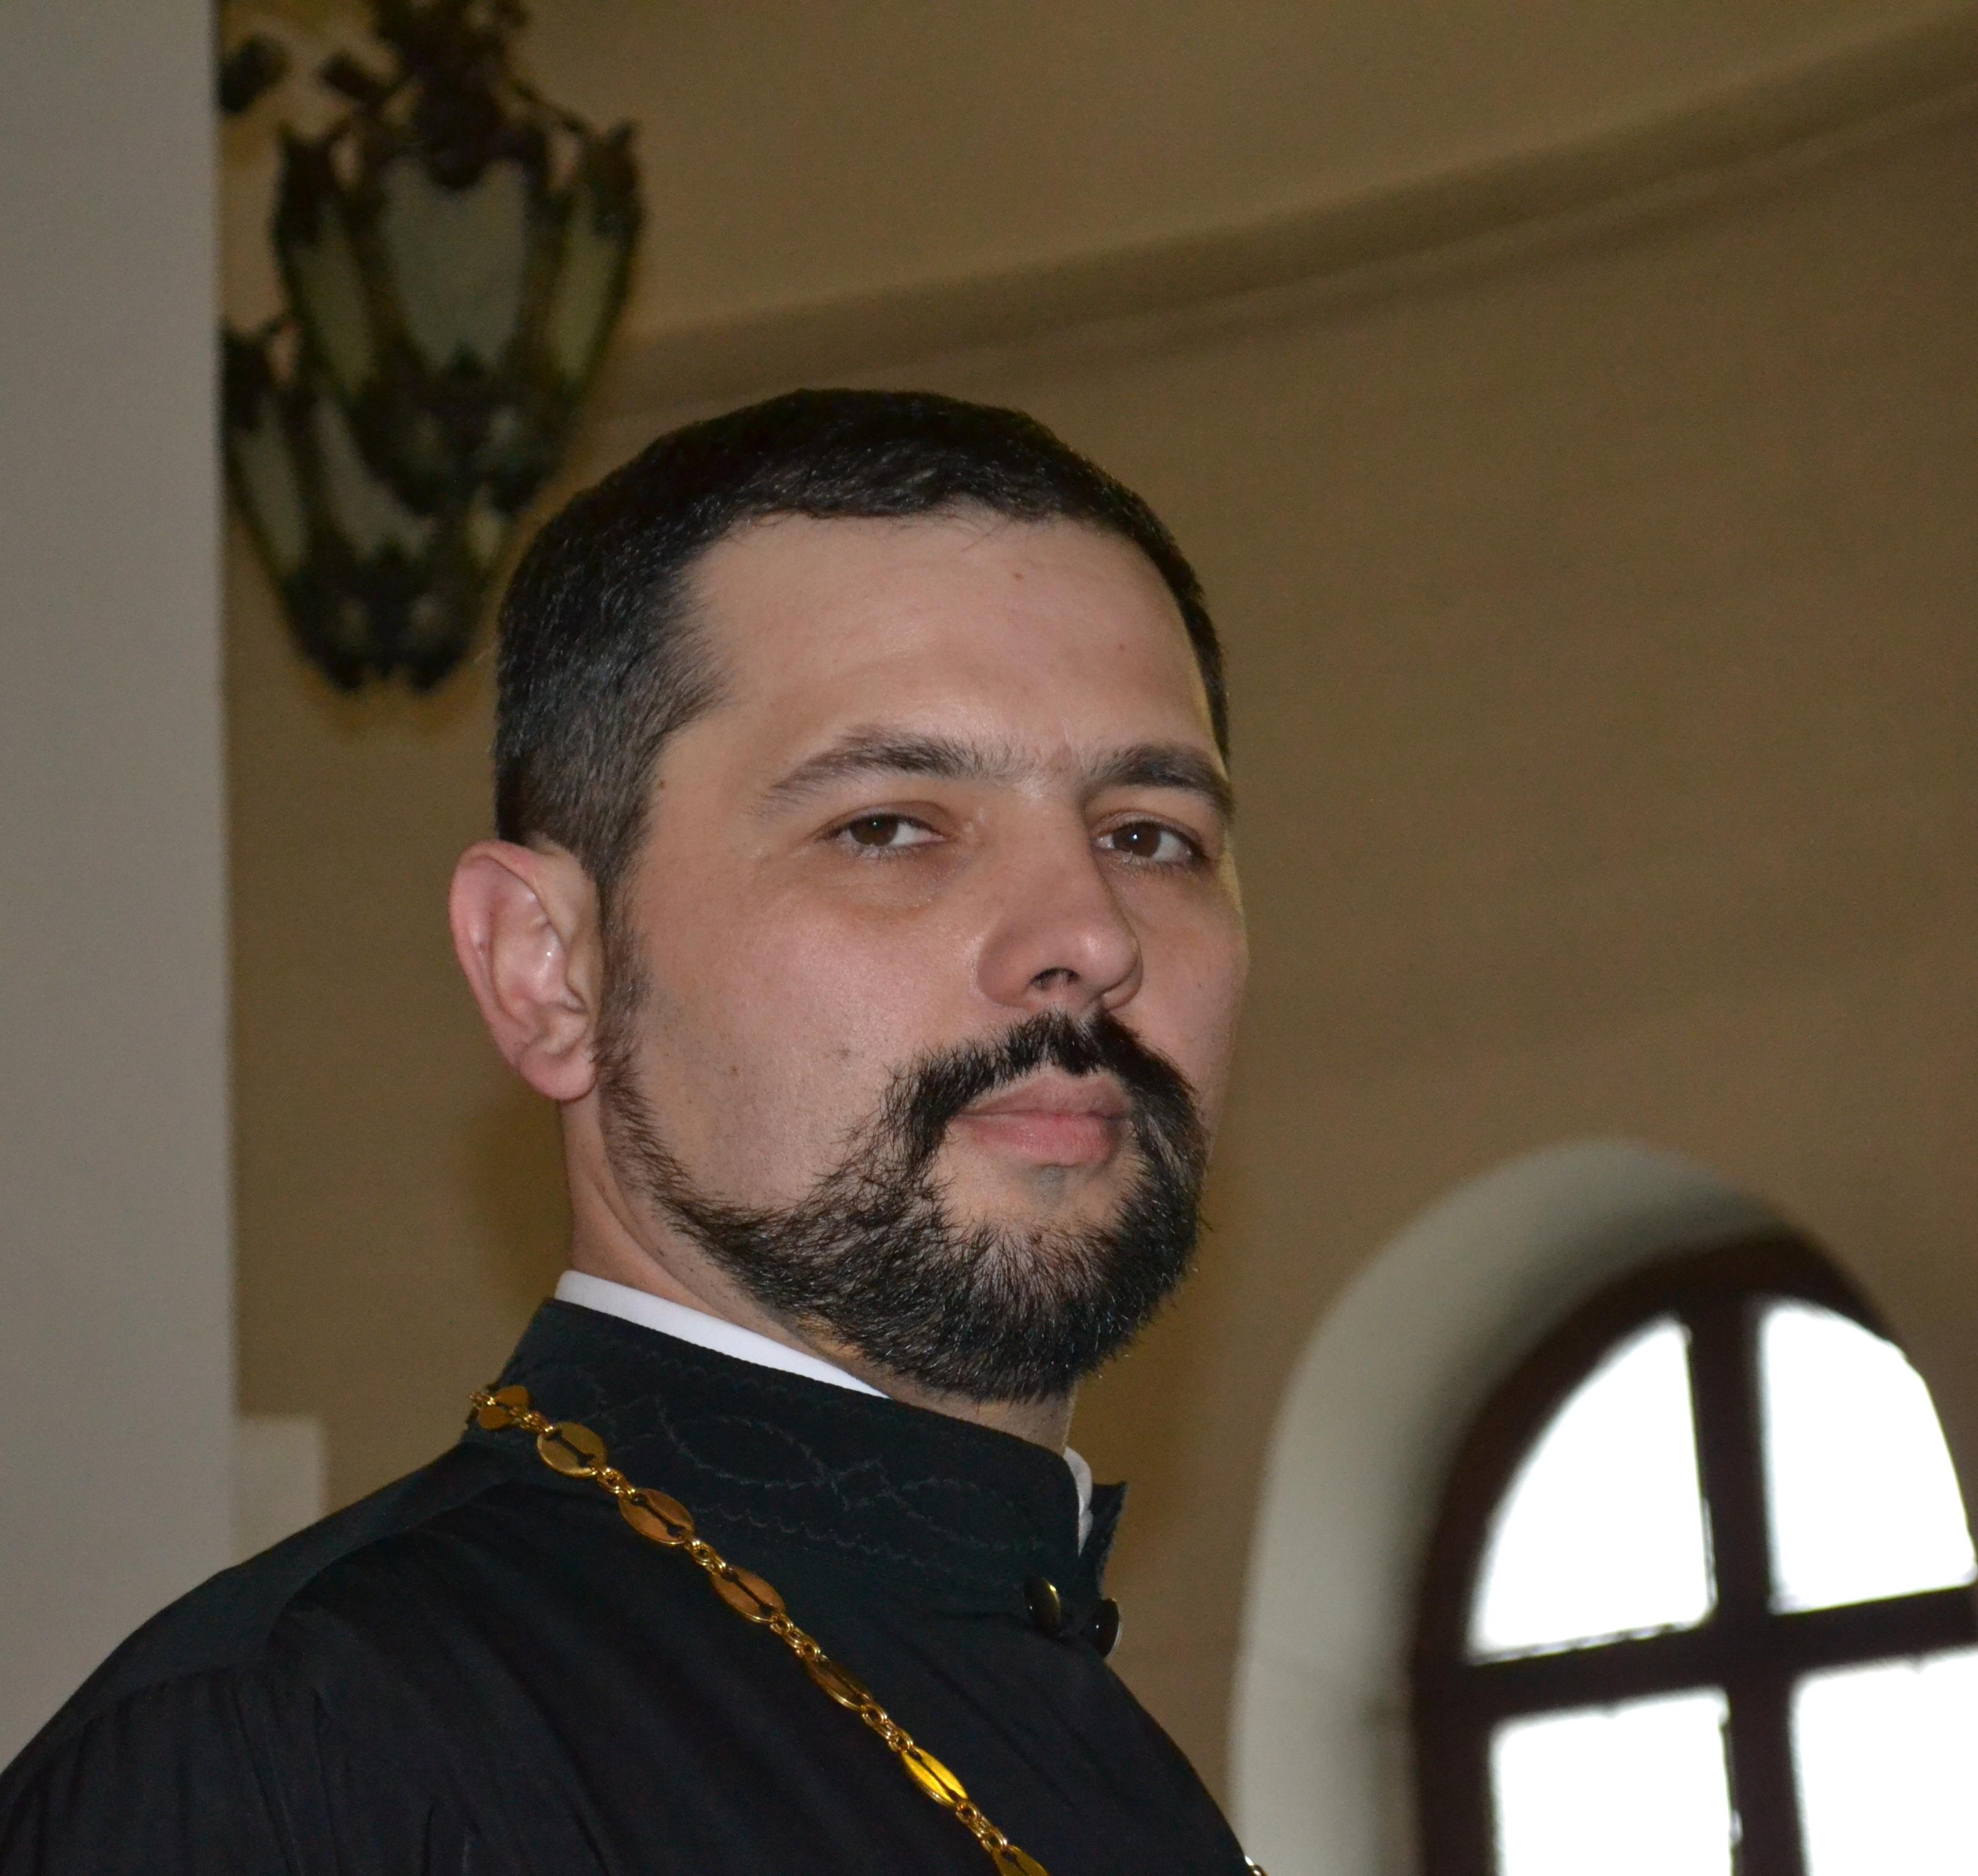 Священники в защиту жизни. Артемий Кривицкий о медицинском сообществе, мужском понимании, семье и вере.